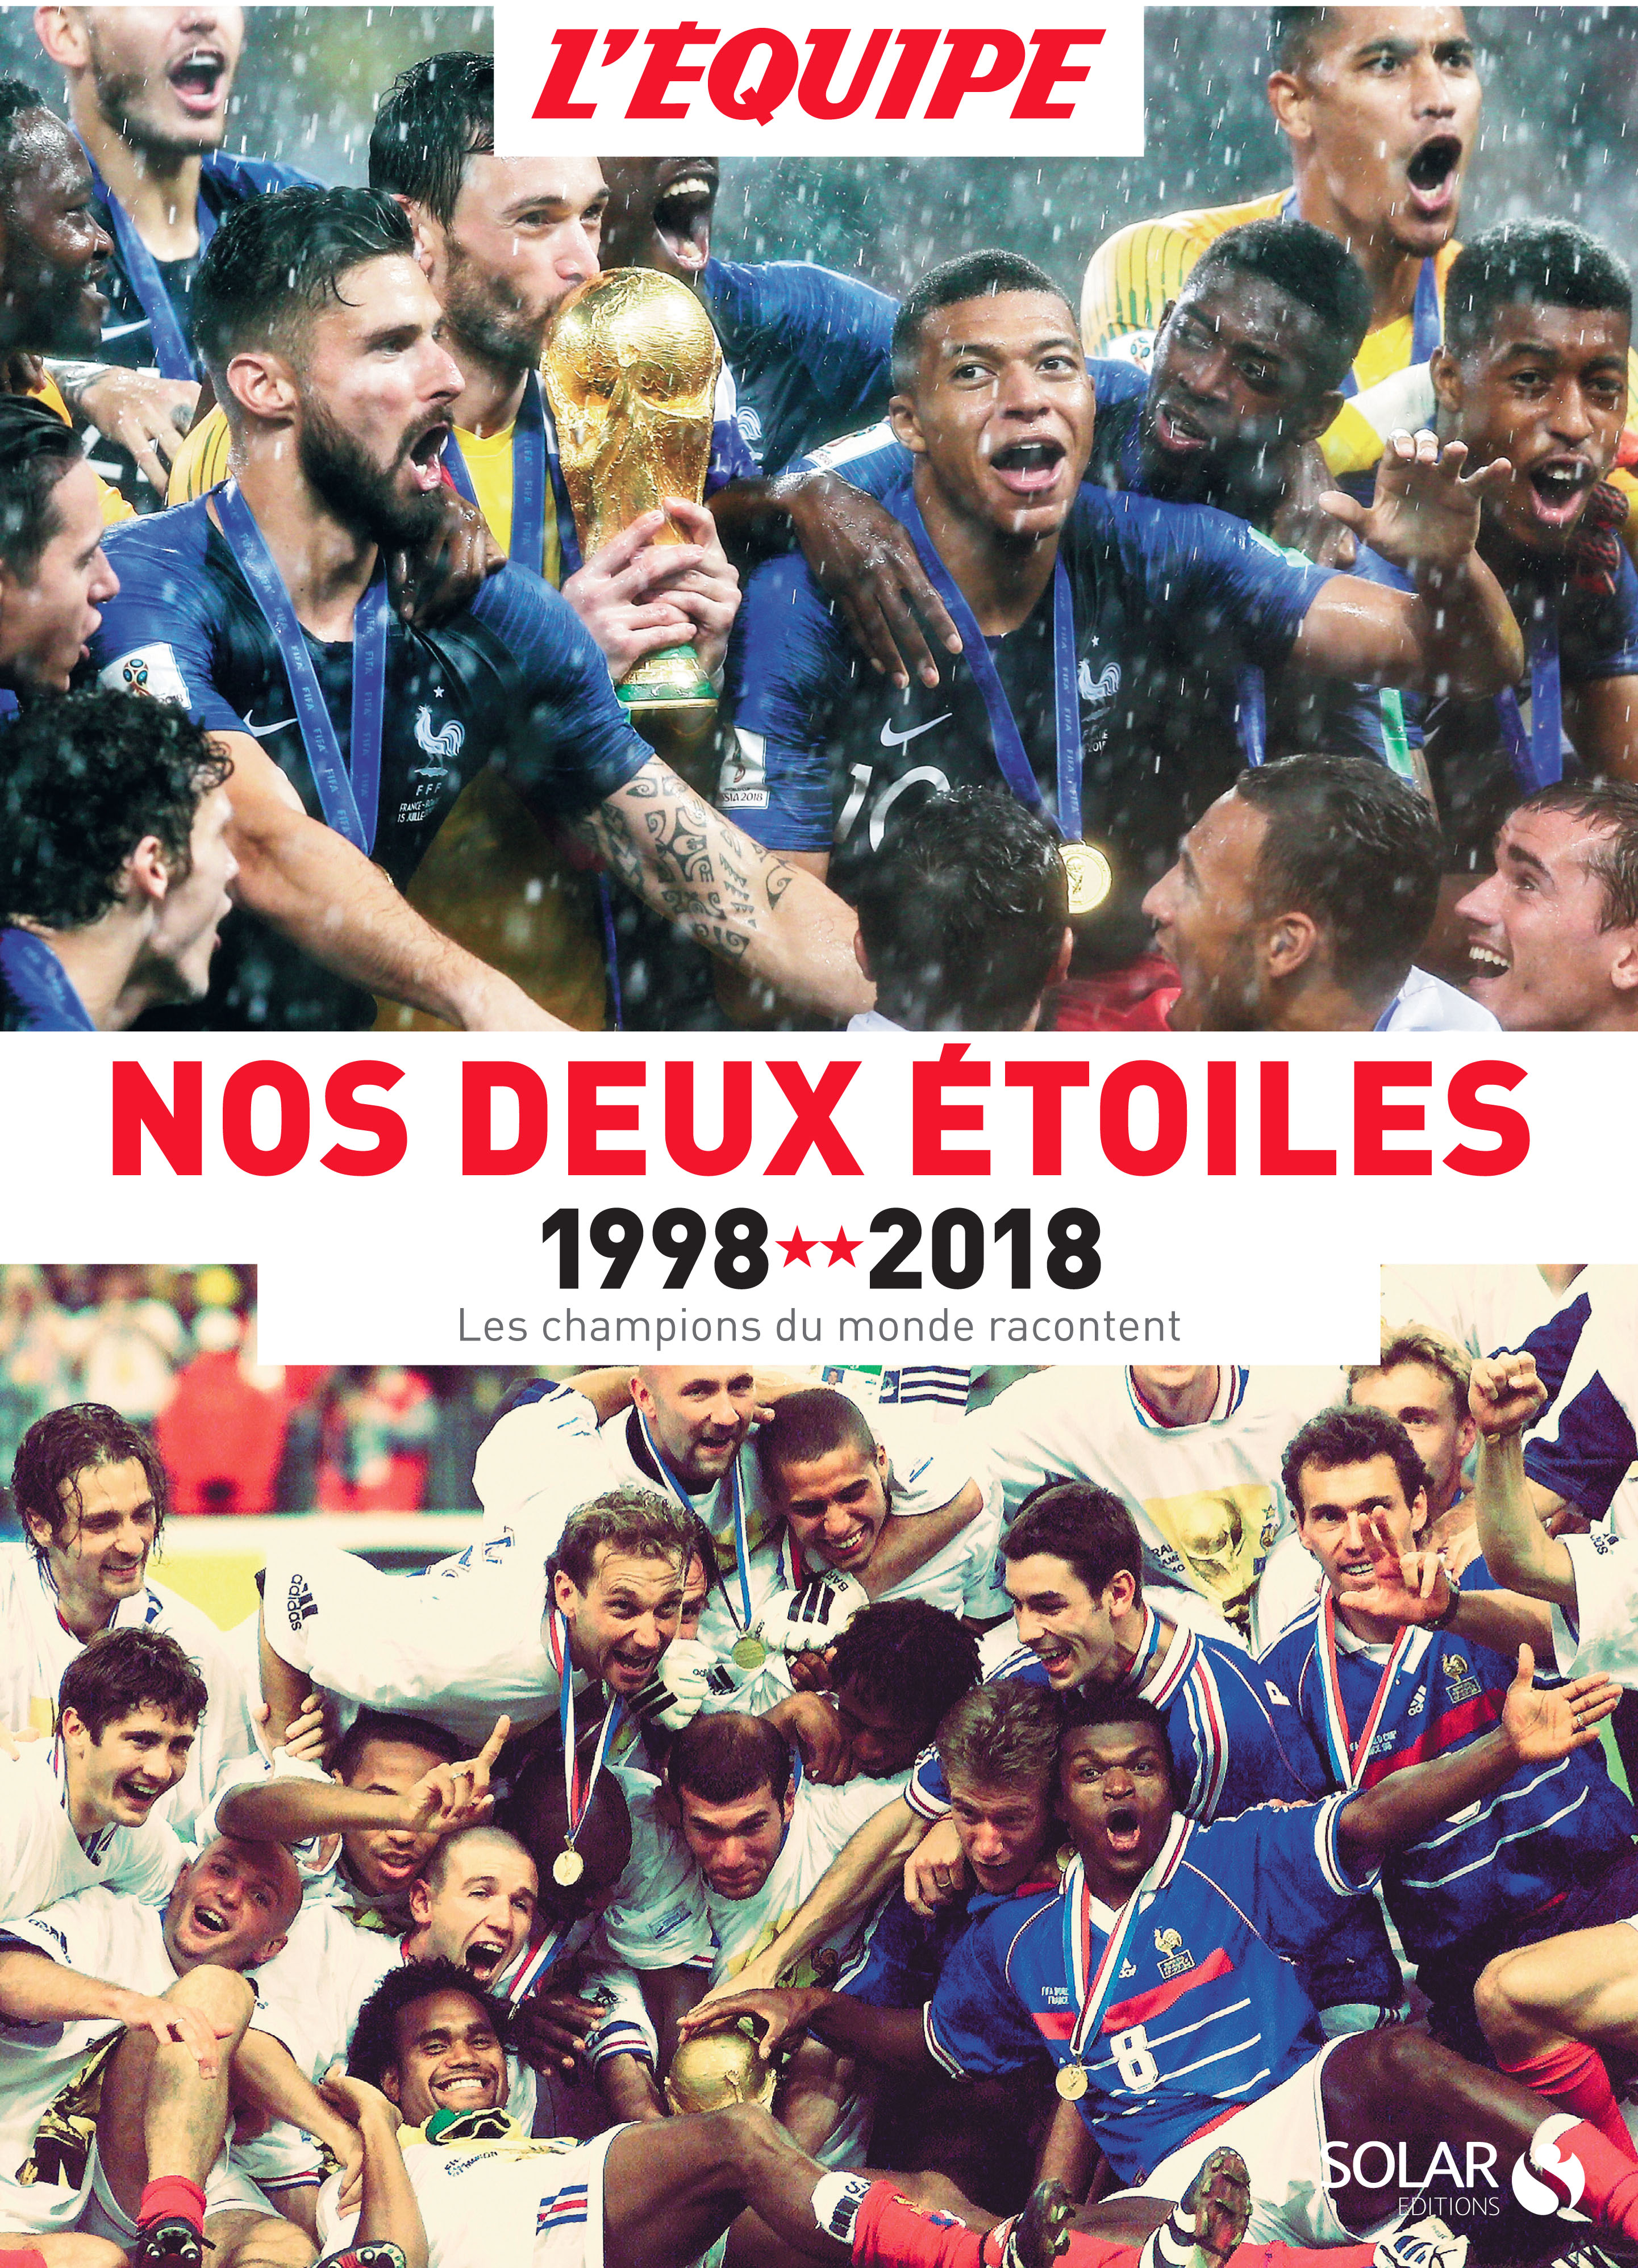 Nos deux Etoiles 1998 - 2018, les champions du monde racontent